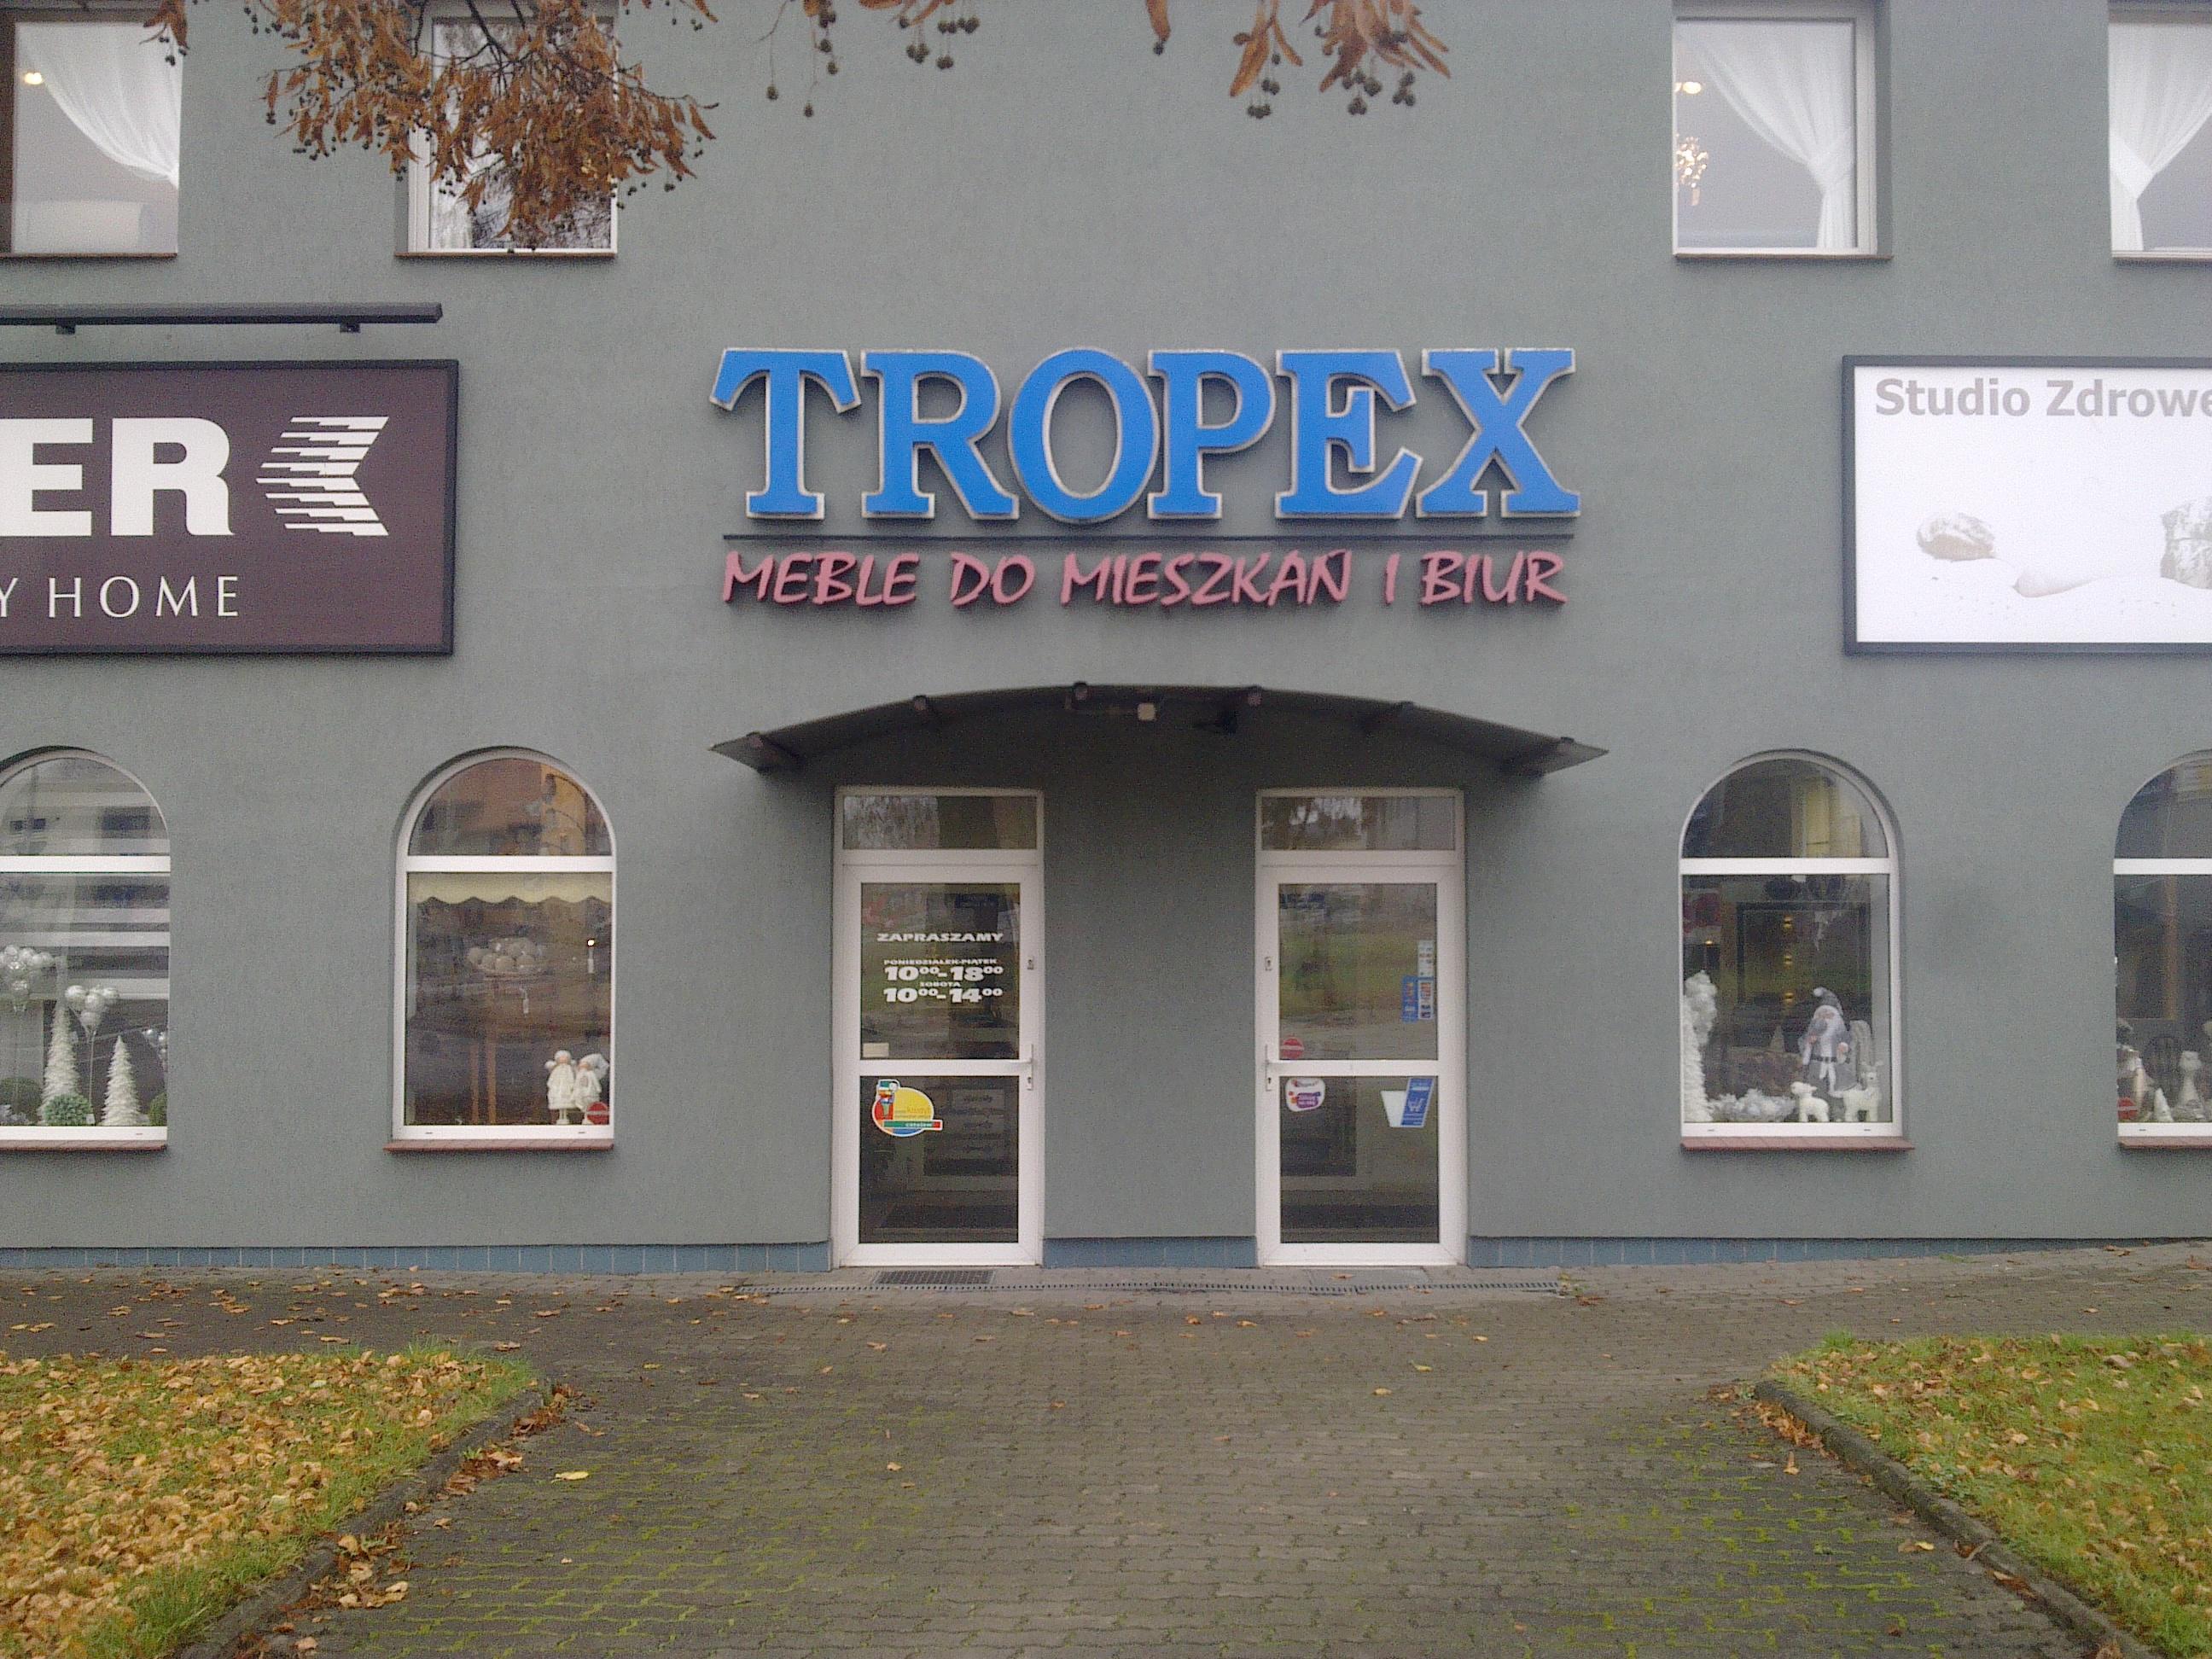 Salon Meblowy Tropex